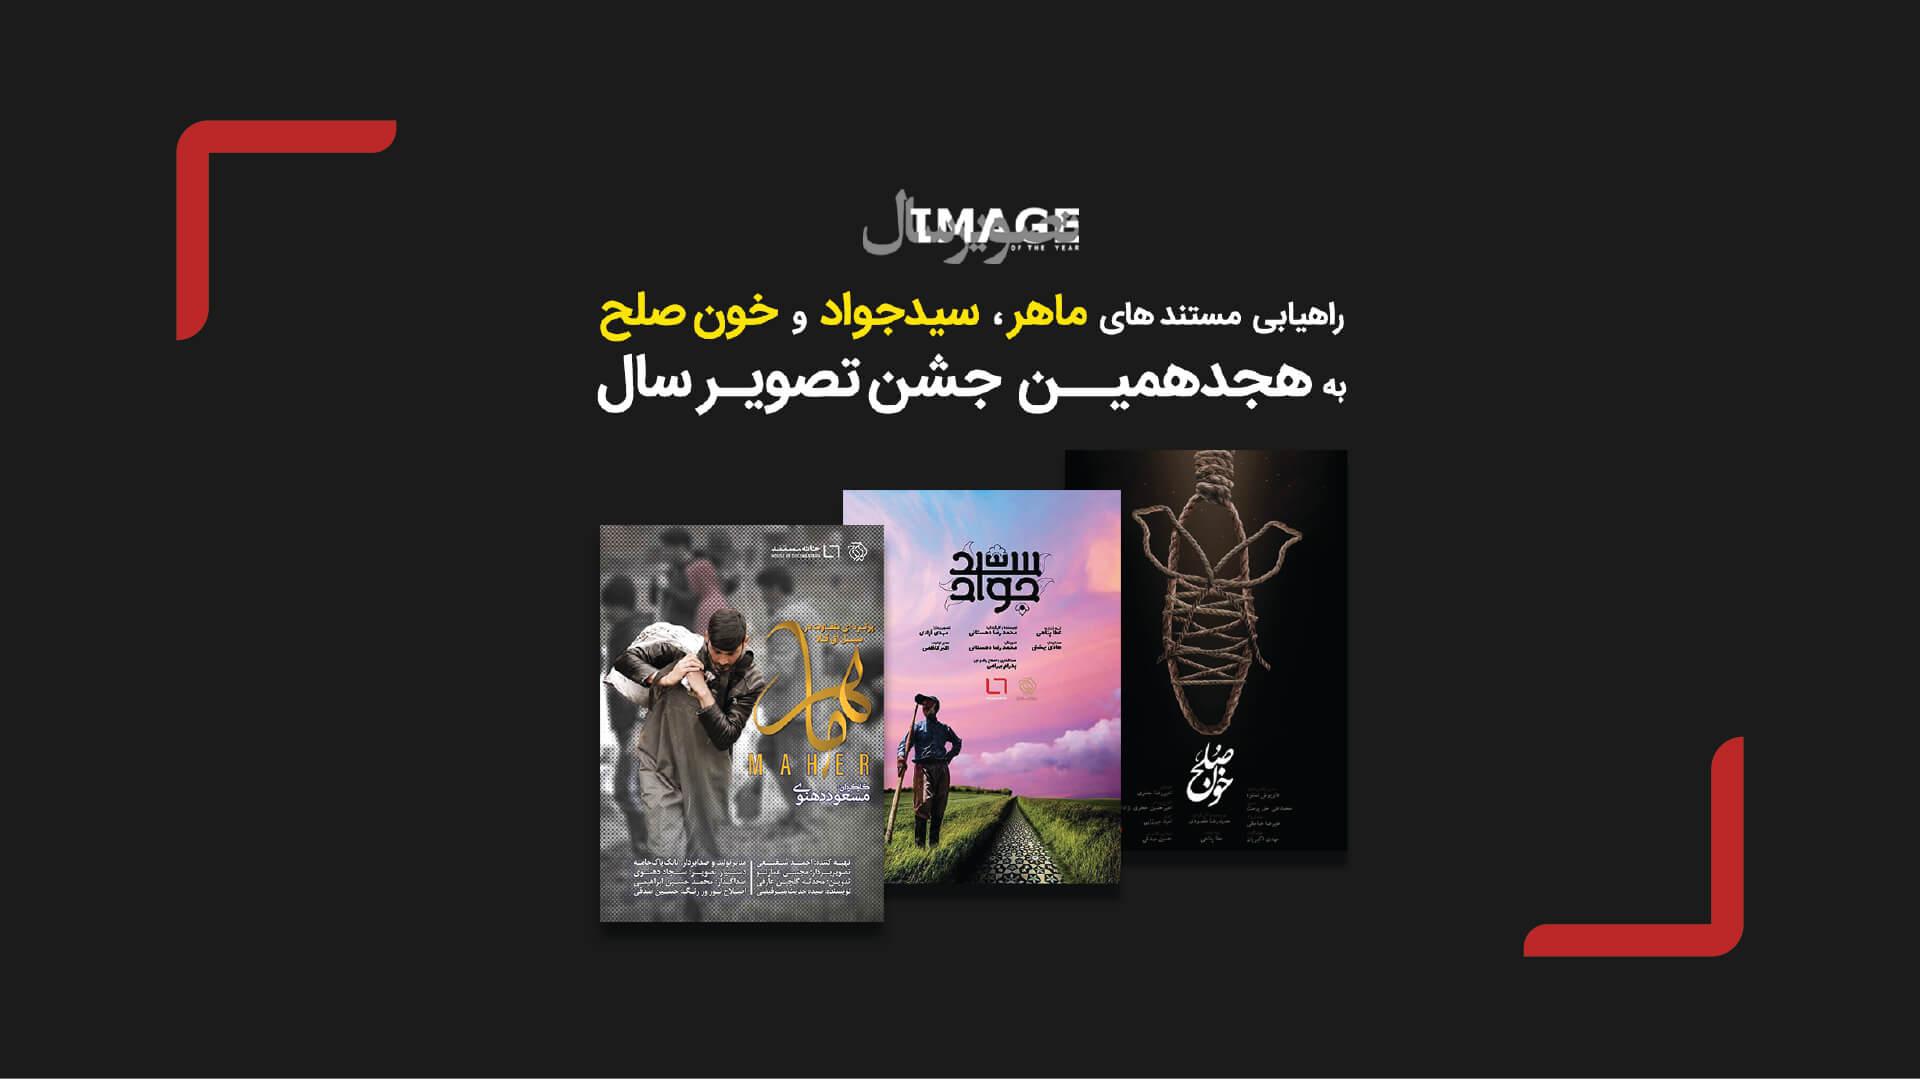 آثار خانه مستند در هجدهمین جشن تصویر سال